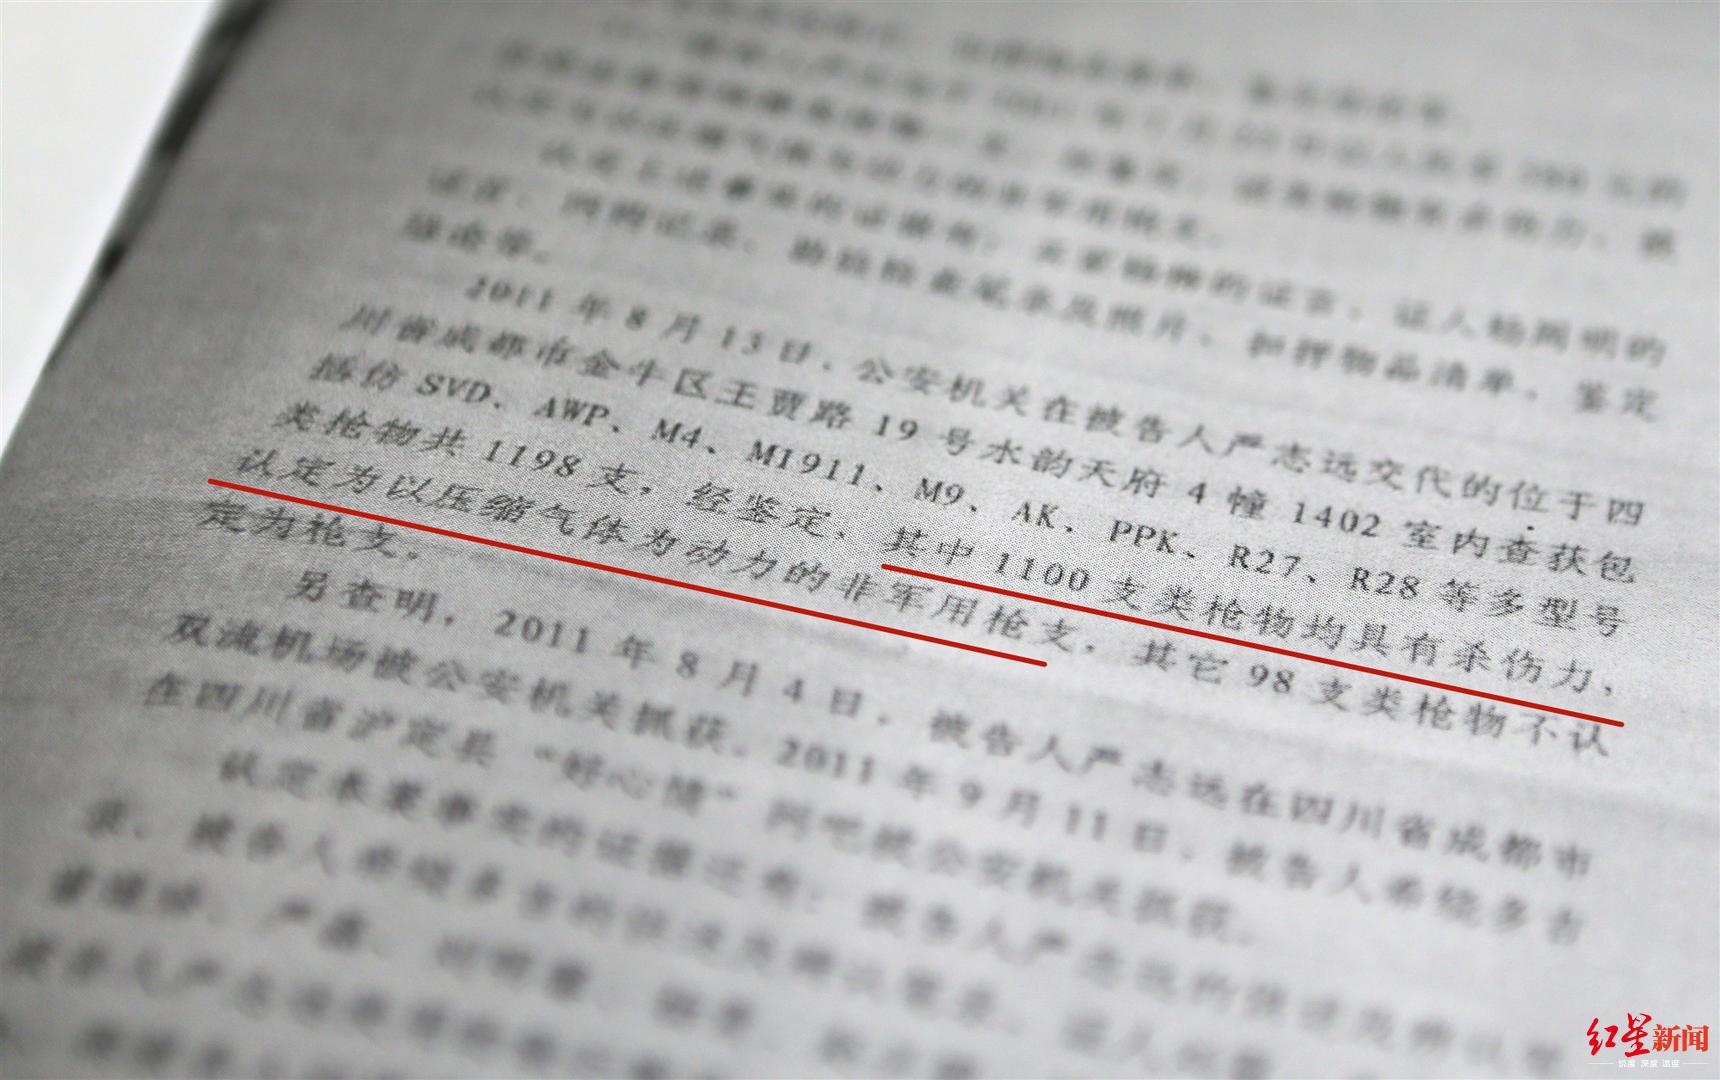 千赢娱乐官网客户端_巴蜀阴米:中国最早方便食品还养生,已逾千年传承却没有普及开